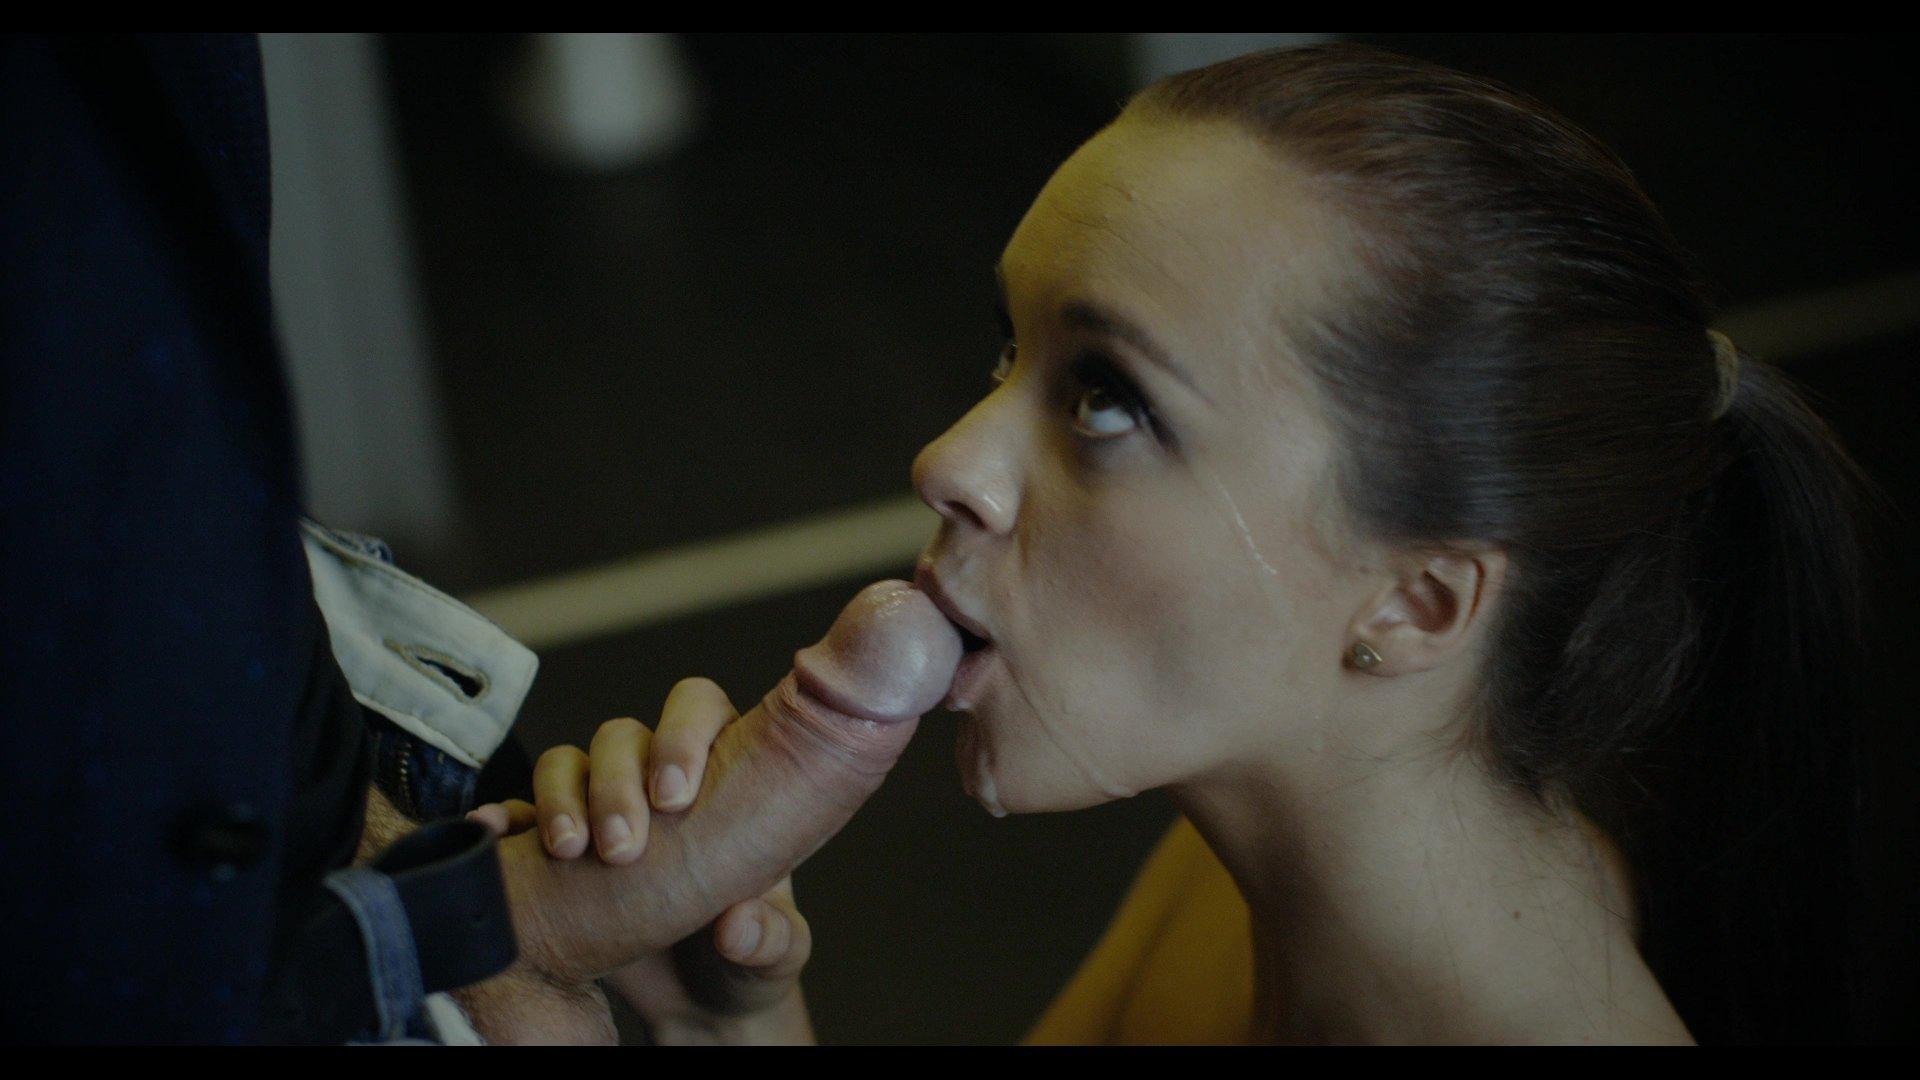 интересно, конечно. уверен, понуждают парня порно могу сейчас поучаствовать